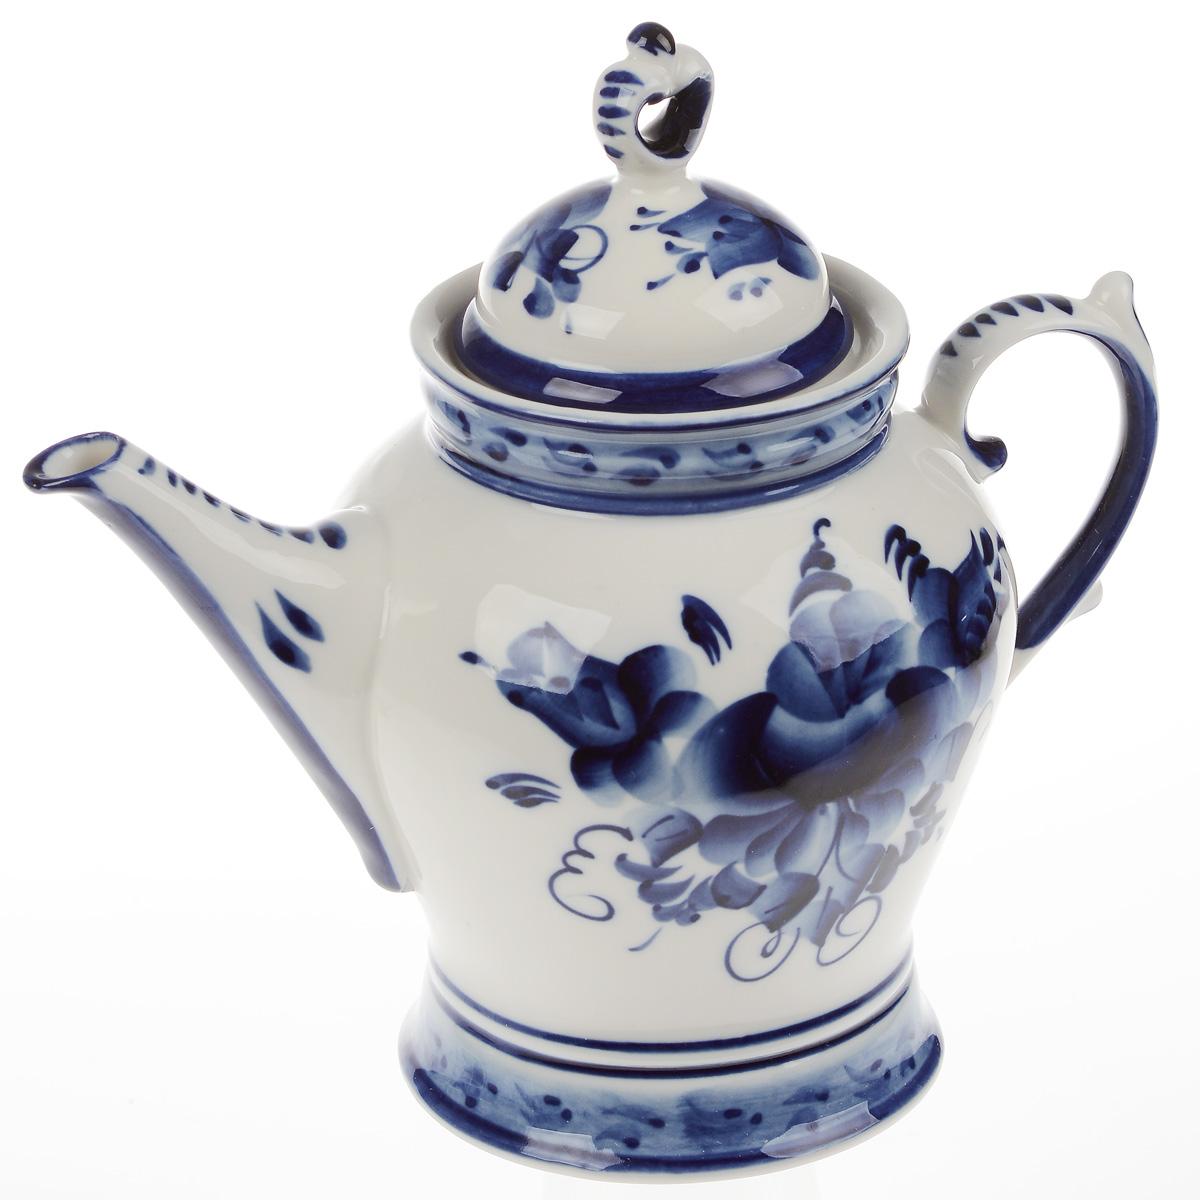 Чайник заварочный Юность, 1 л993065502Чайник заварочный Юность, изготовленный из высококачественной керамики, предназначен для красивой подачи чая. Чайник оформлен оригинальной гжельской росписью. Прекрасный дизайн изделия идеально подойдет для сервировки стола. Обращаем ваше внимание, что роспись на изделиях сделана вручную. Рисунок может немного отличаться от изображения на фотографии. Диаметр по верхнему краю: 8,5 см. Высота (без учета крышки): 14,5 см. Диаметр основания: 10 см.